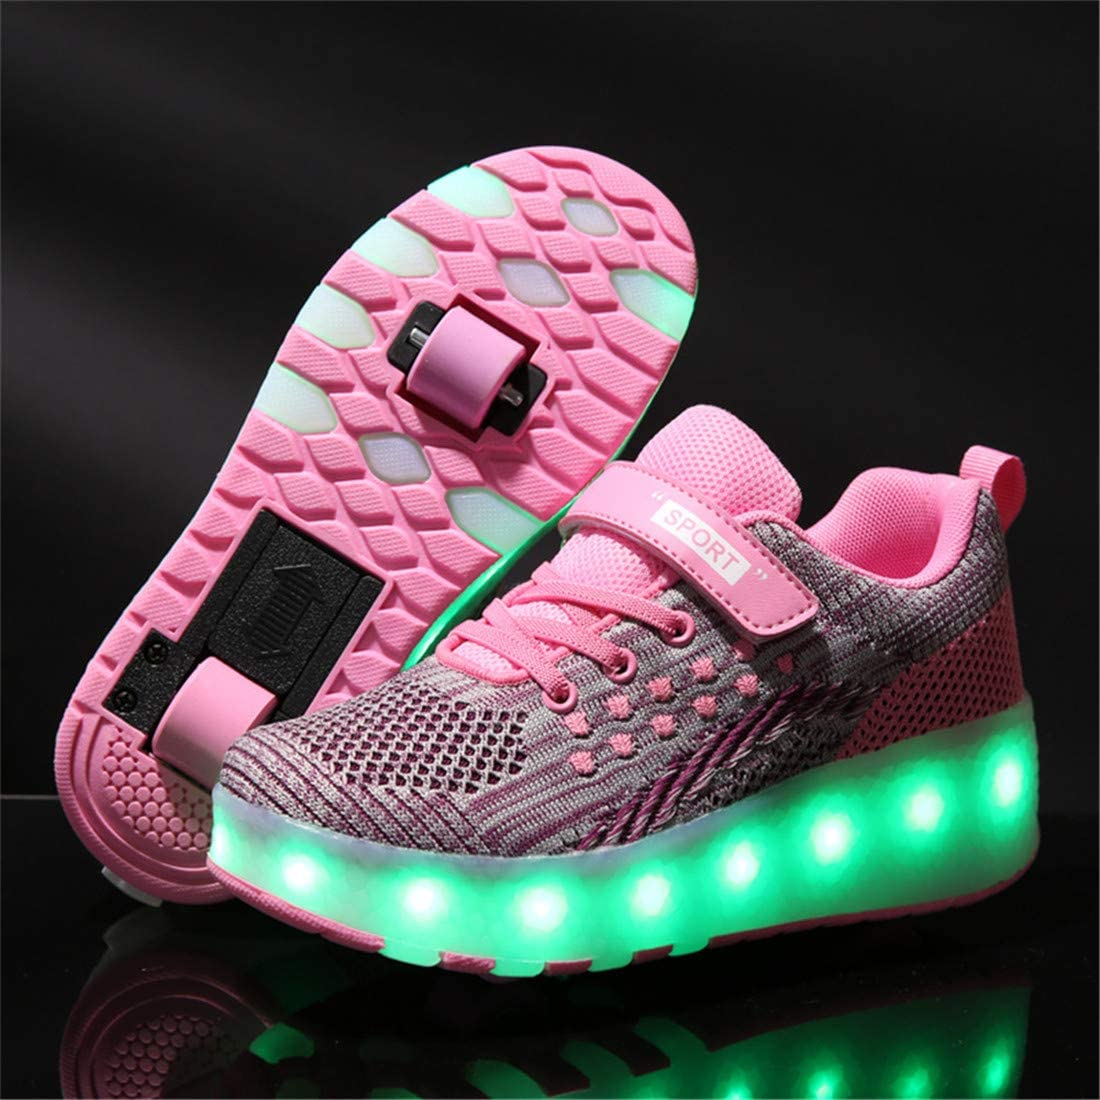 Lucky Kids Enfants LED Chaussures avec Roues et USB Rechargeable Clignotante Chaussures de Skateboard Multisports Outdoor Gymnastique Mode Baskets Patins pour Gar/çons Filles